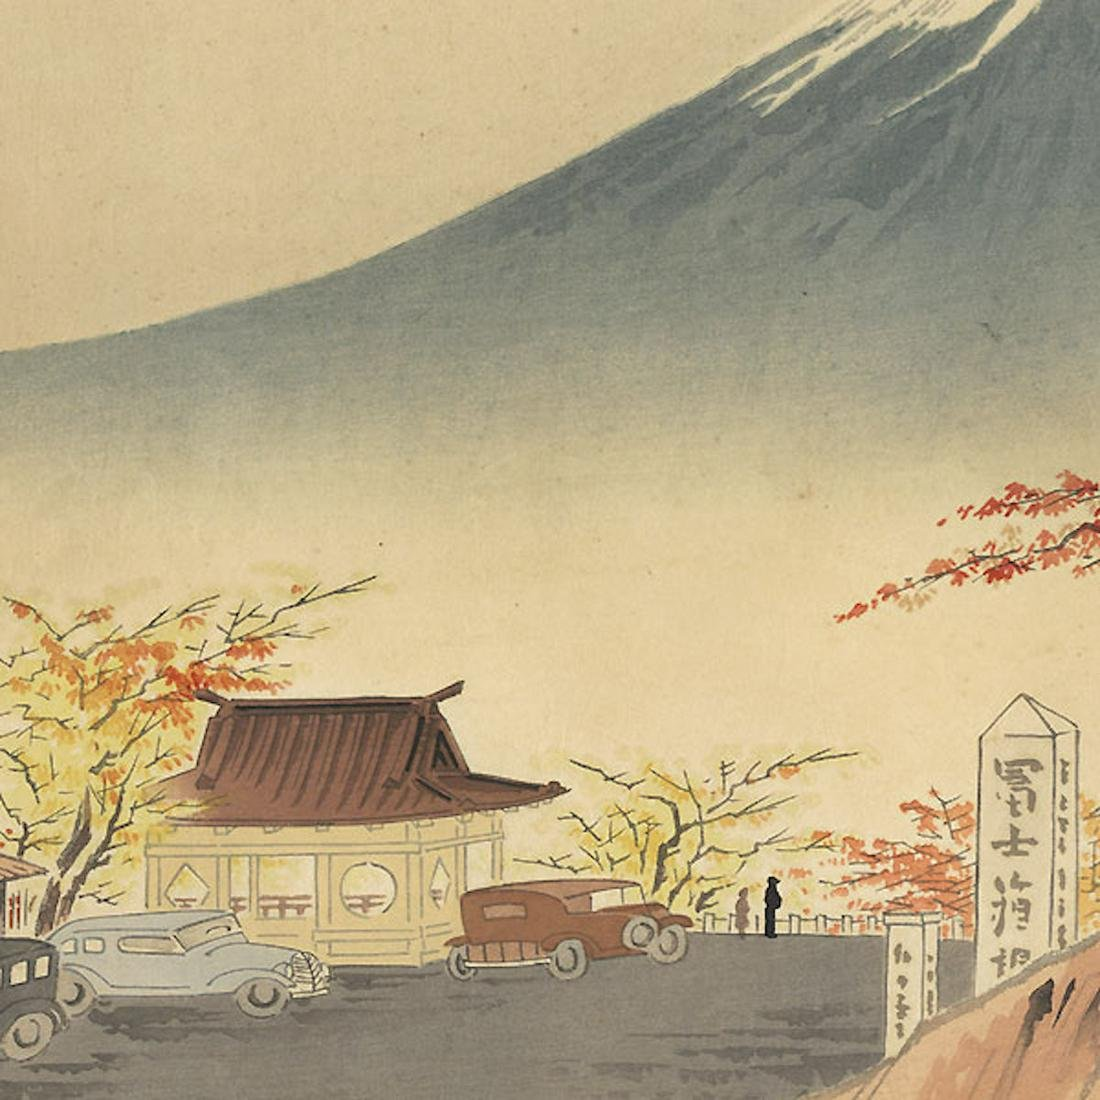 Tokuriki Tomikichiro (1902 - 1999) - Original Woodblock